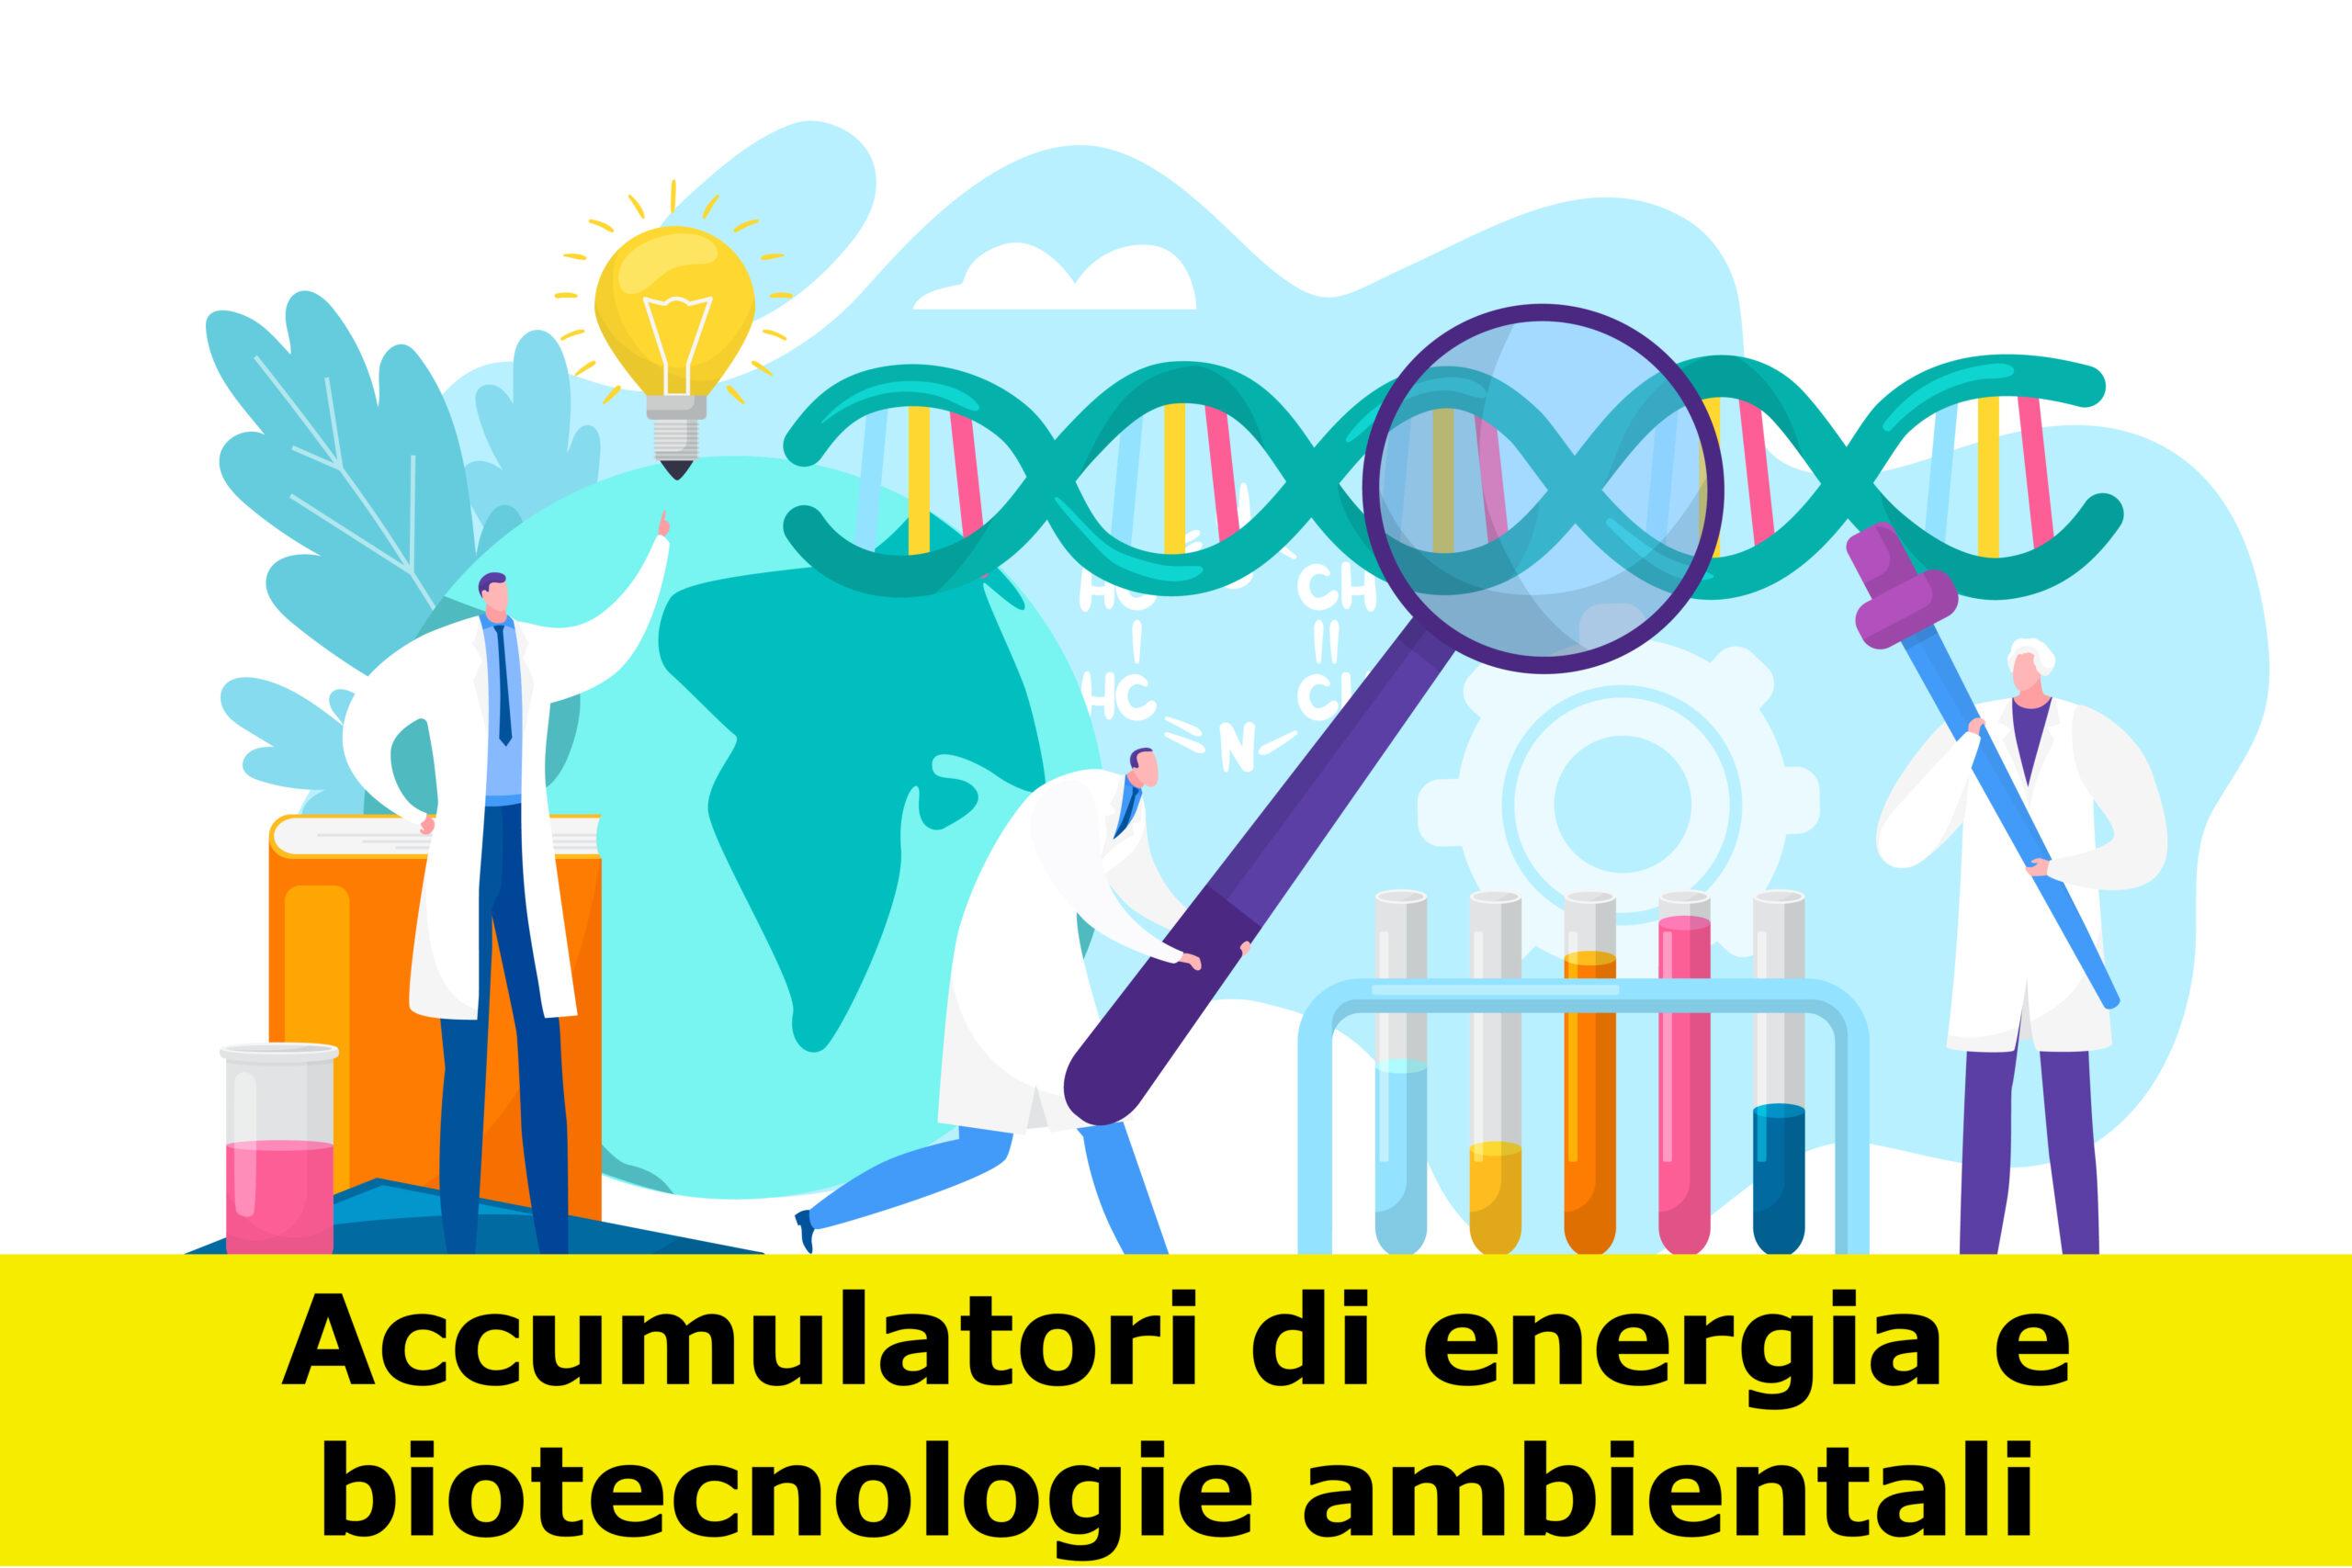 Illustrazione dell'attività dei biotecnologi ambientali